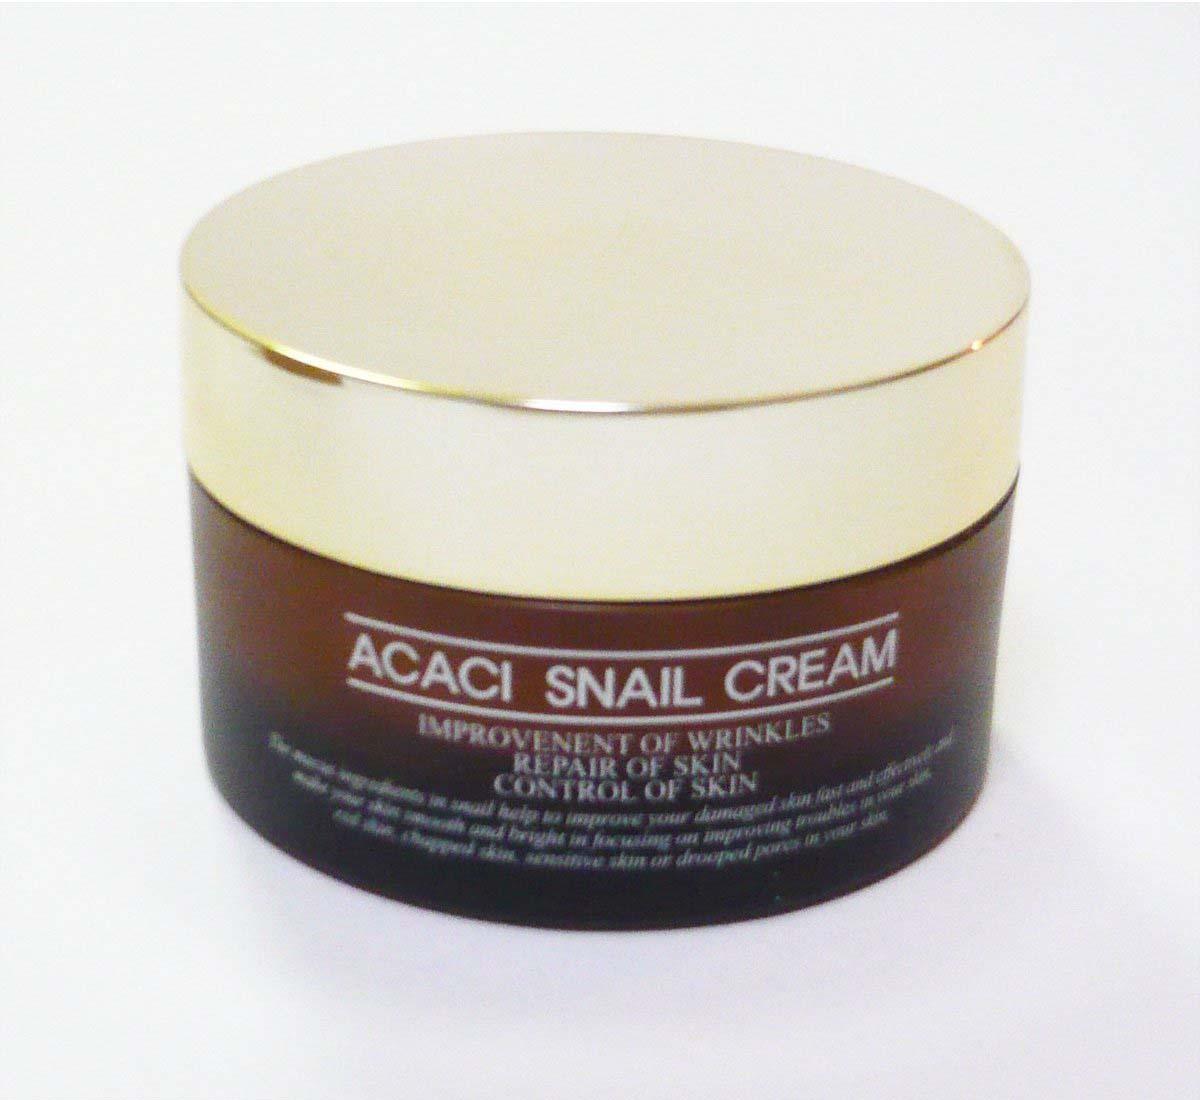 高濃縮のカタツムリの粘液抽出物(ミュシン)を配合し、お肌の乾燥や荒れを防止する高級肌再生クリーム